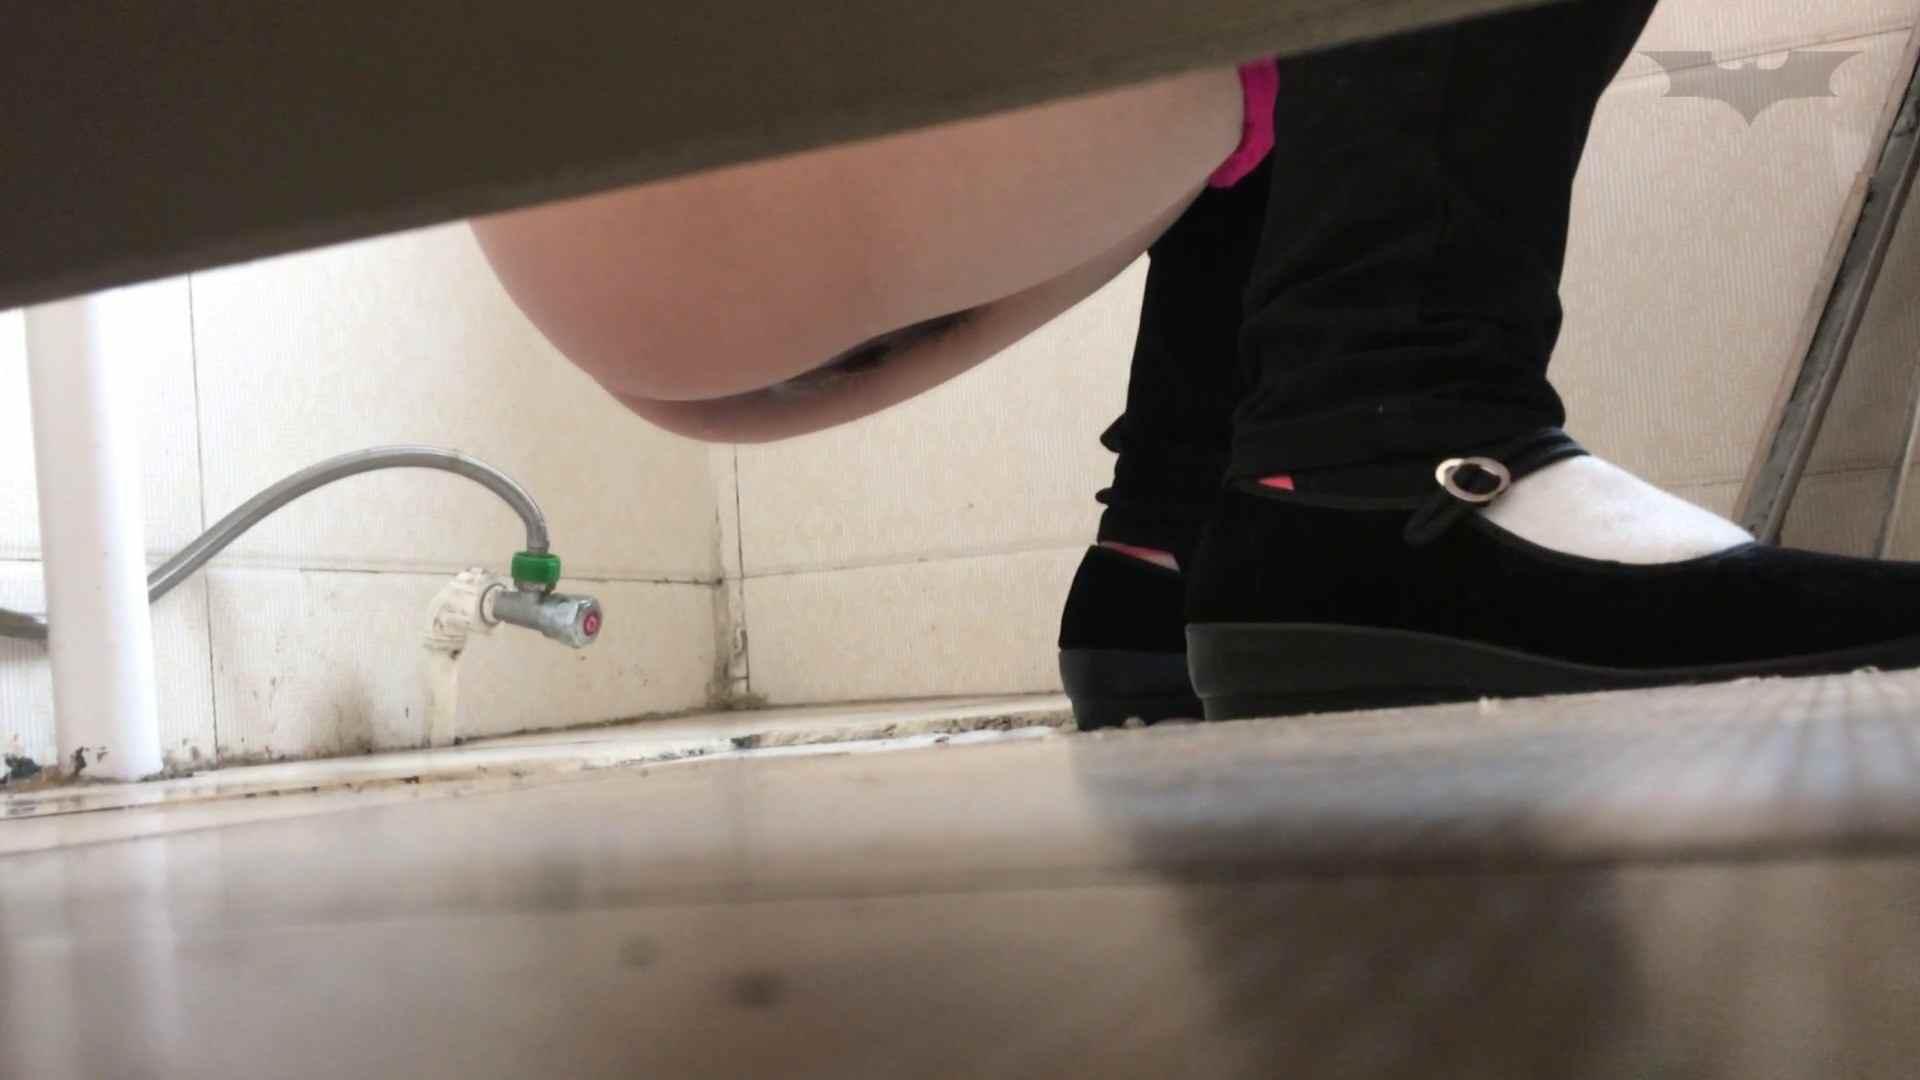 芸術大学ガチ潜入盗撮 JD盗撮 美女の洗面所の秘密 Vol.108 潜入エロ調査 | トイレ中  86連発 14